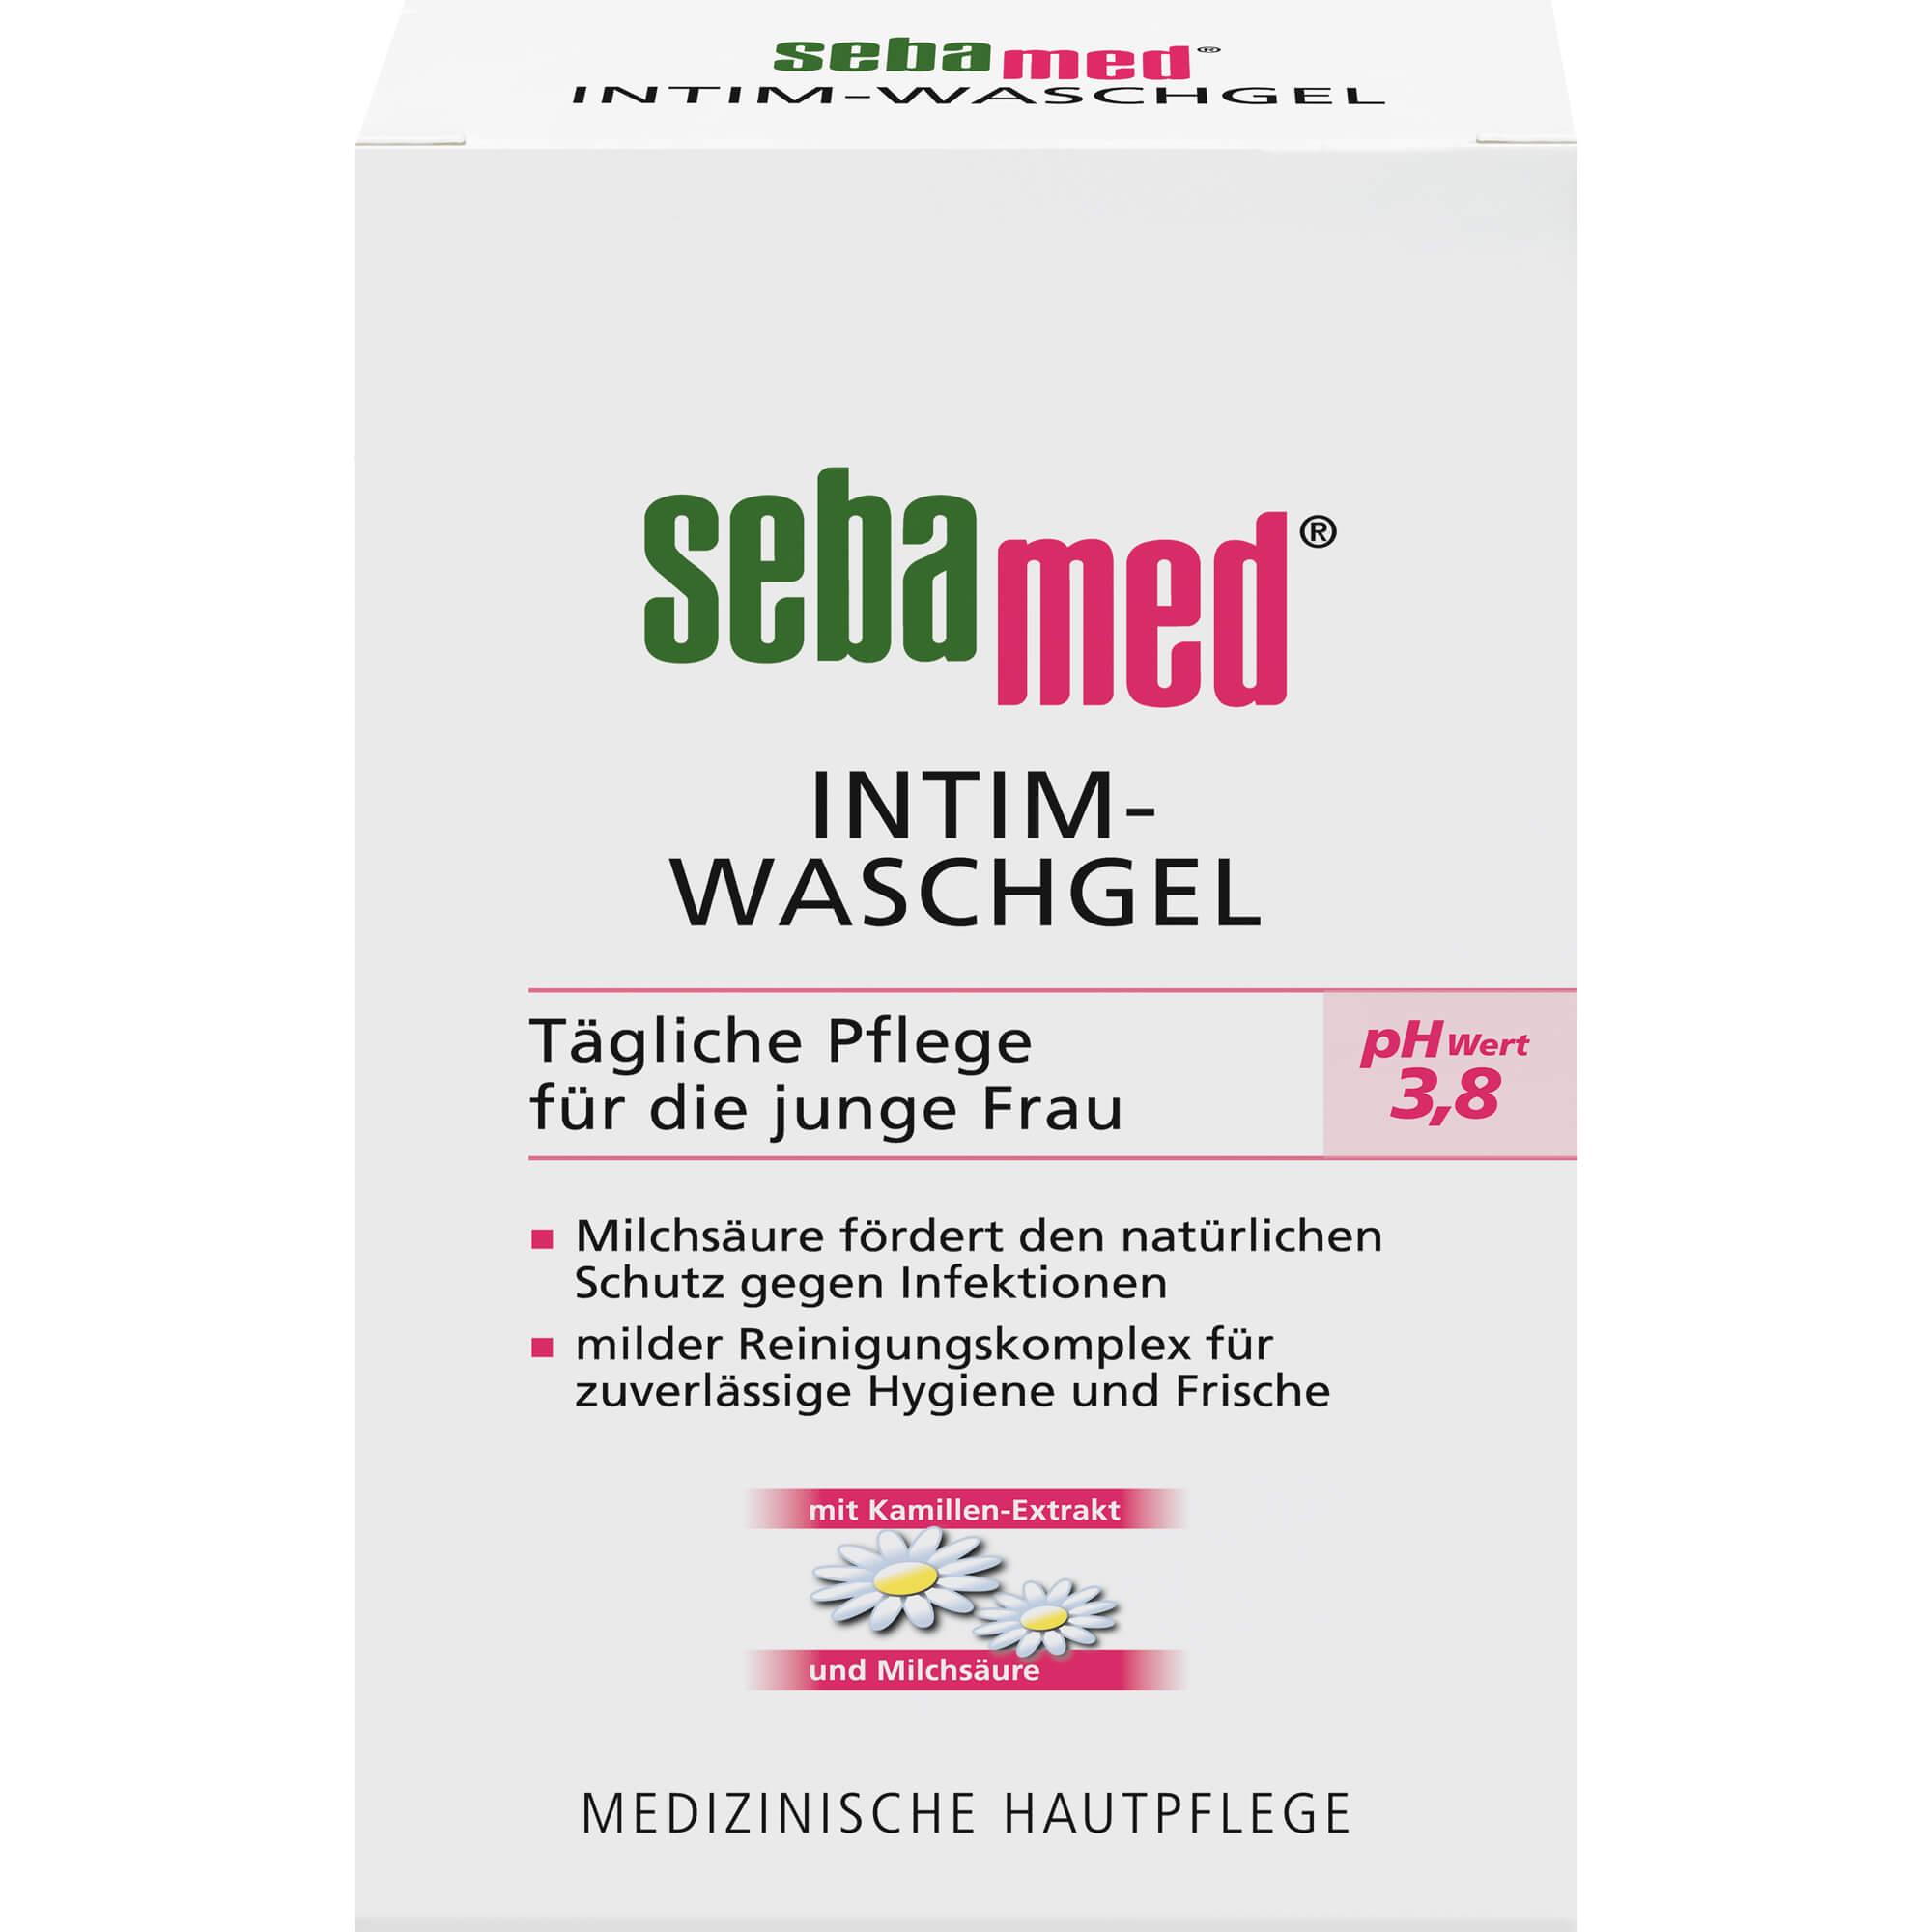 SEBAMED Intim Waschgel pH 3,8 für die junge Frau